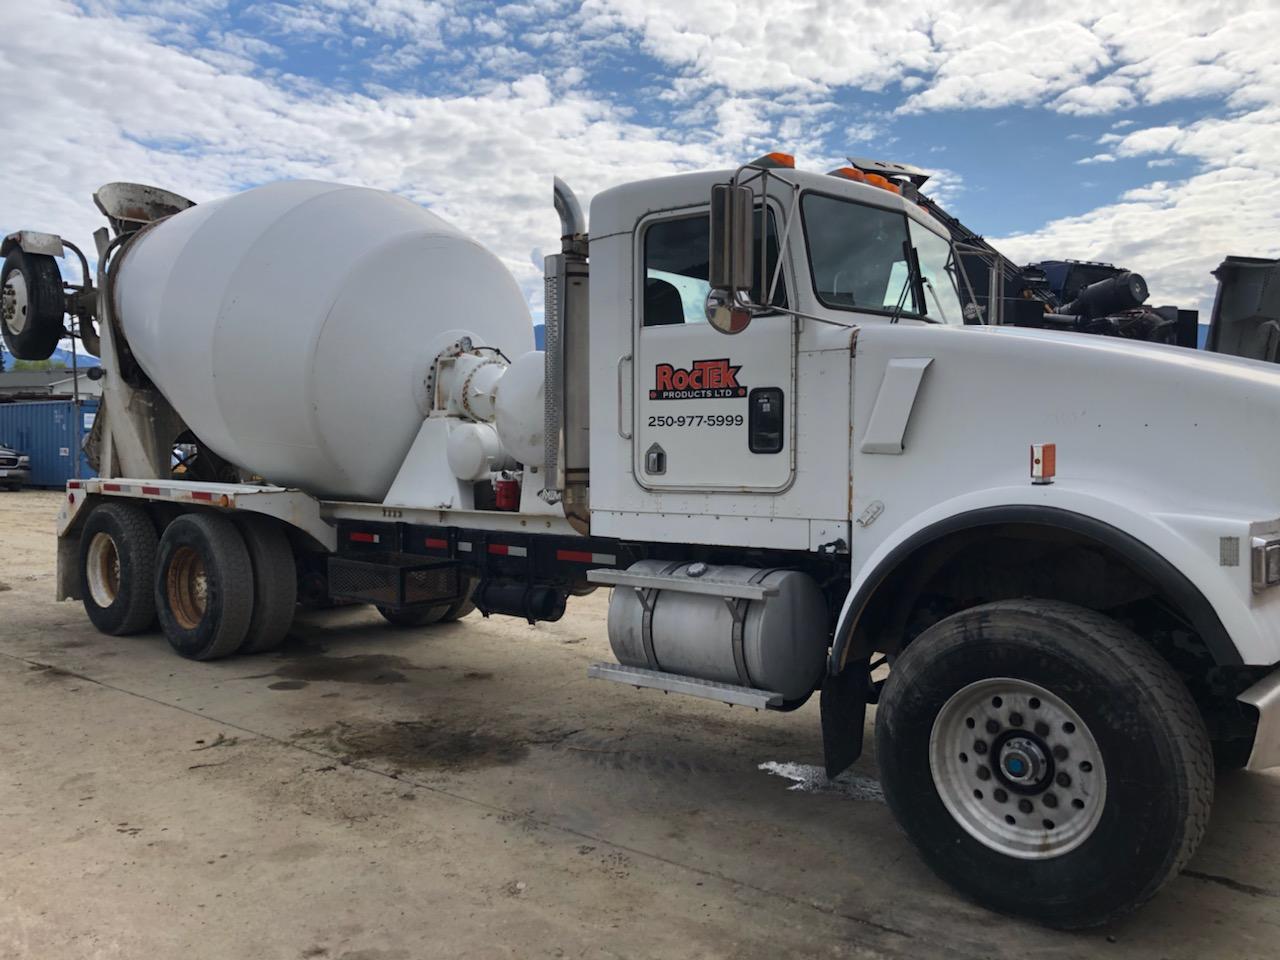 Roctek Concrete Truck